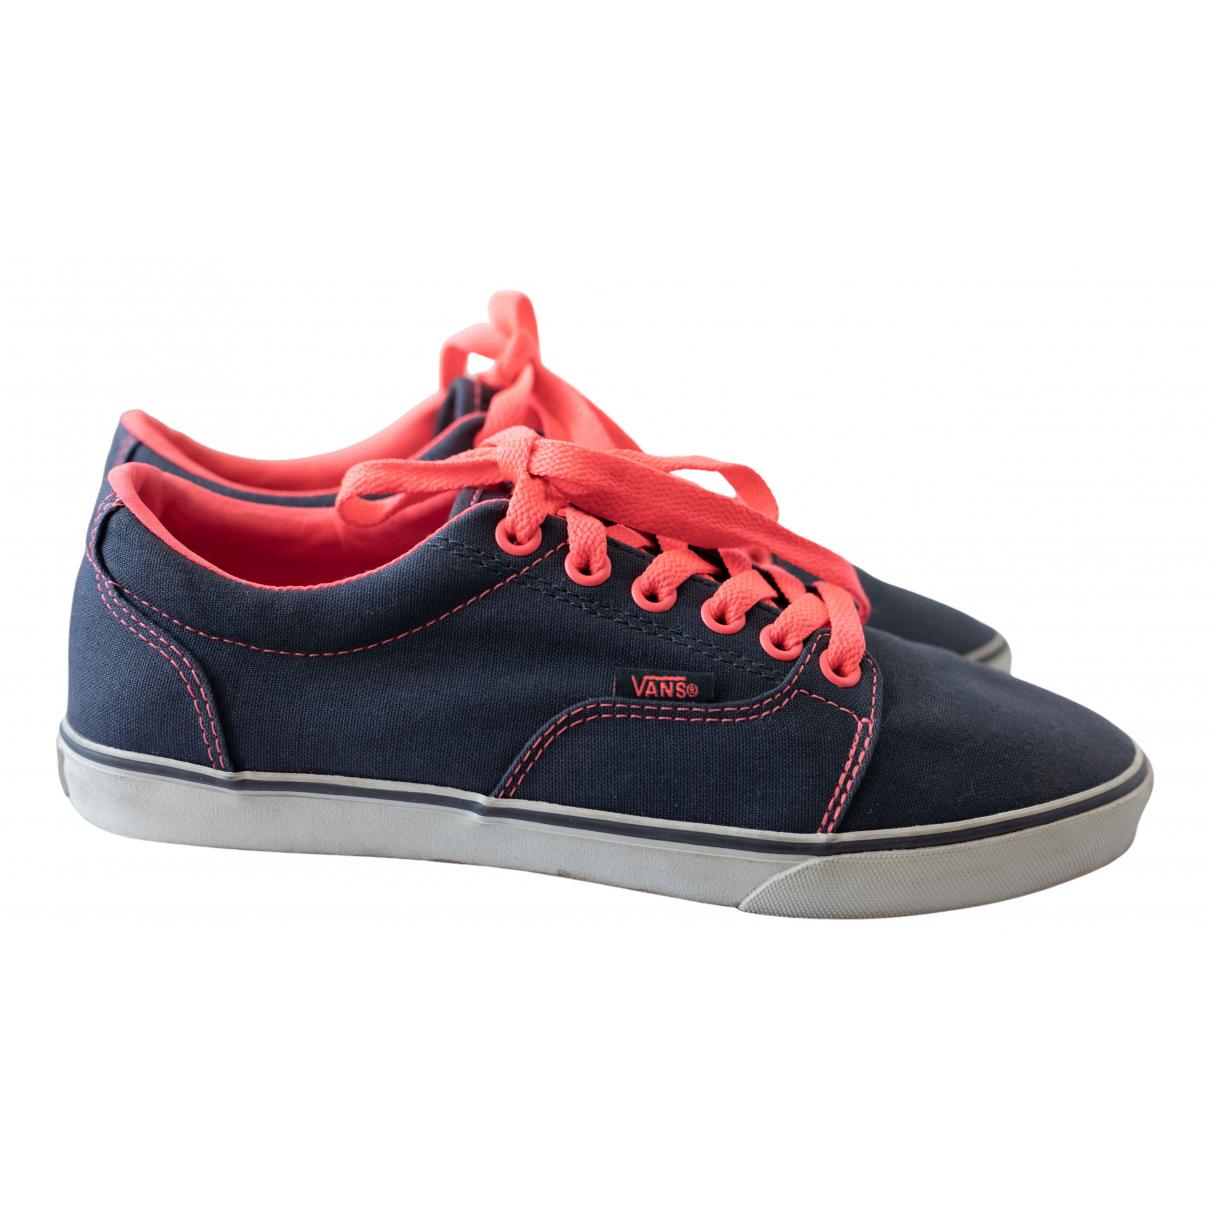 Vans \N Espadrilles in  Marine Denim - Jeans